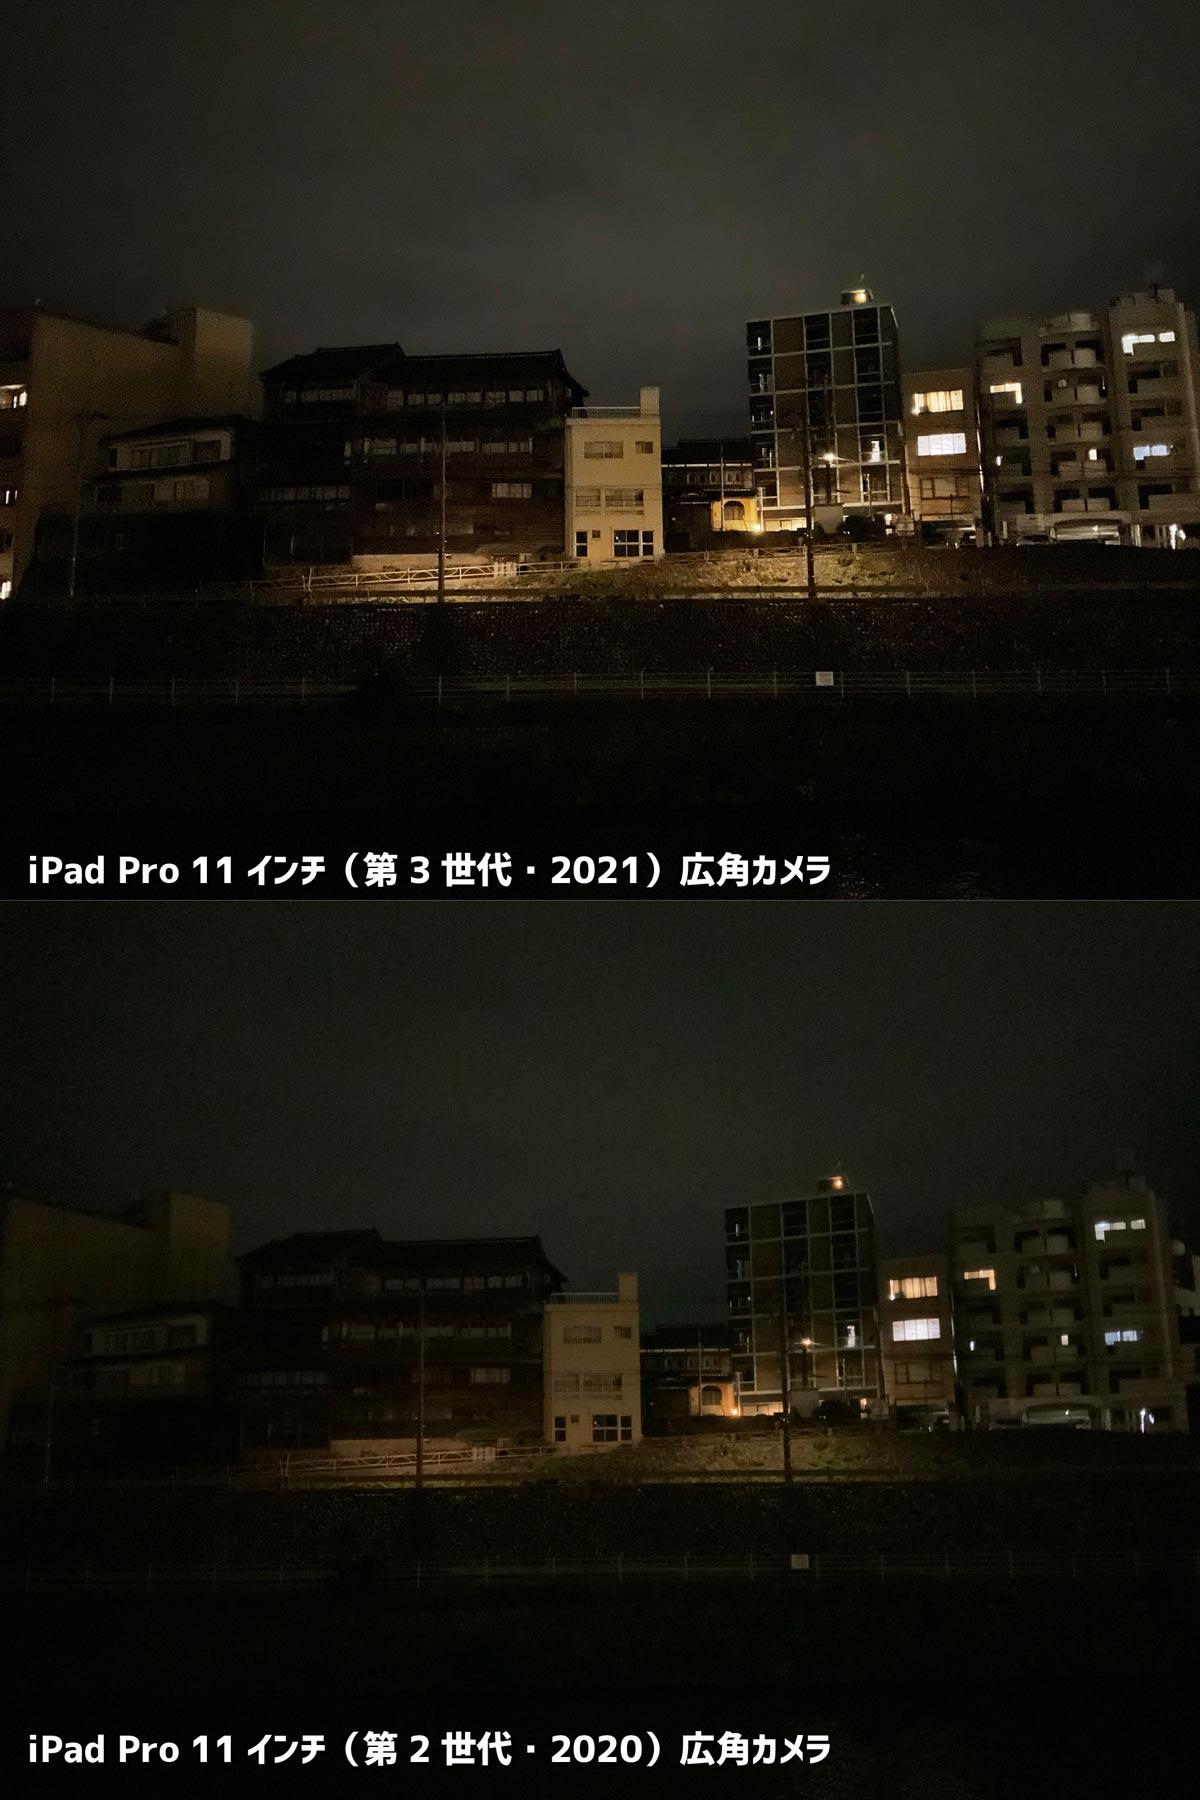 iPad Pro 11インチ(第3世代)広角カメラ夜間撮影